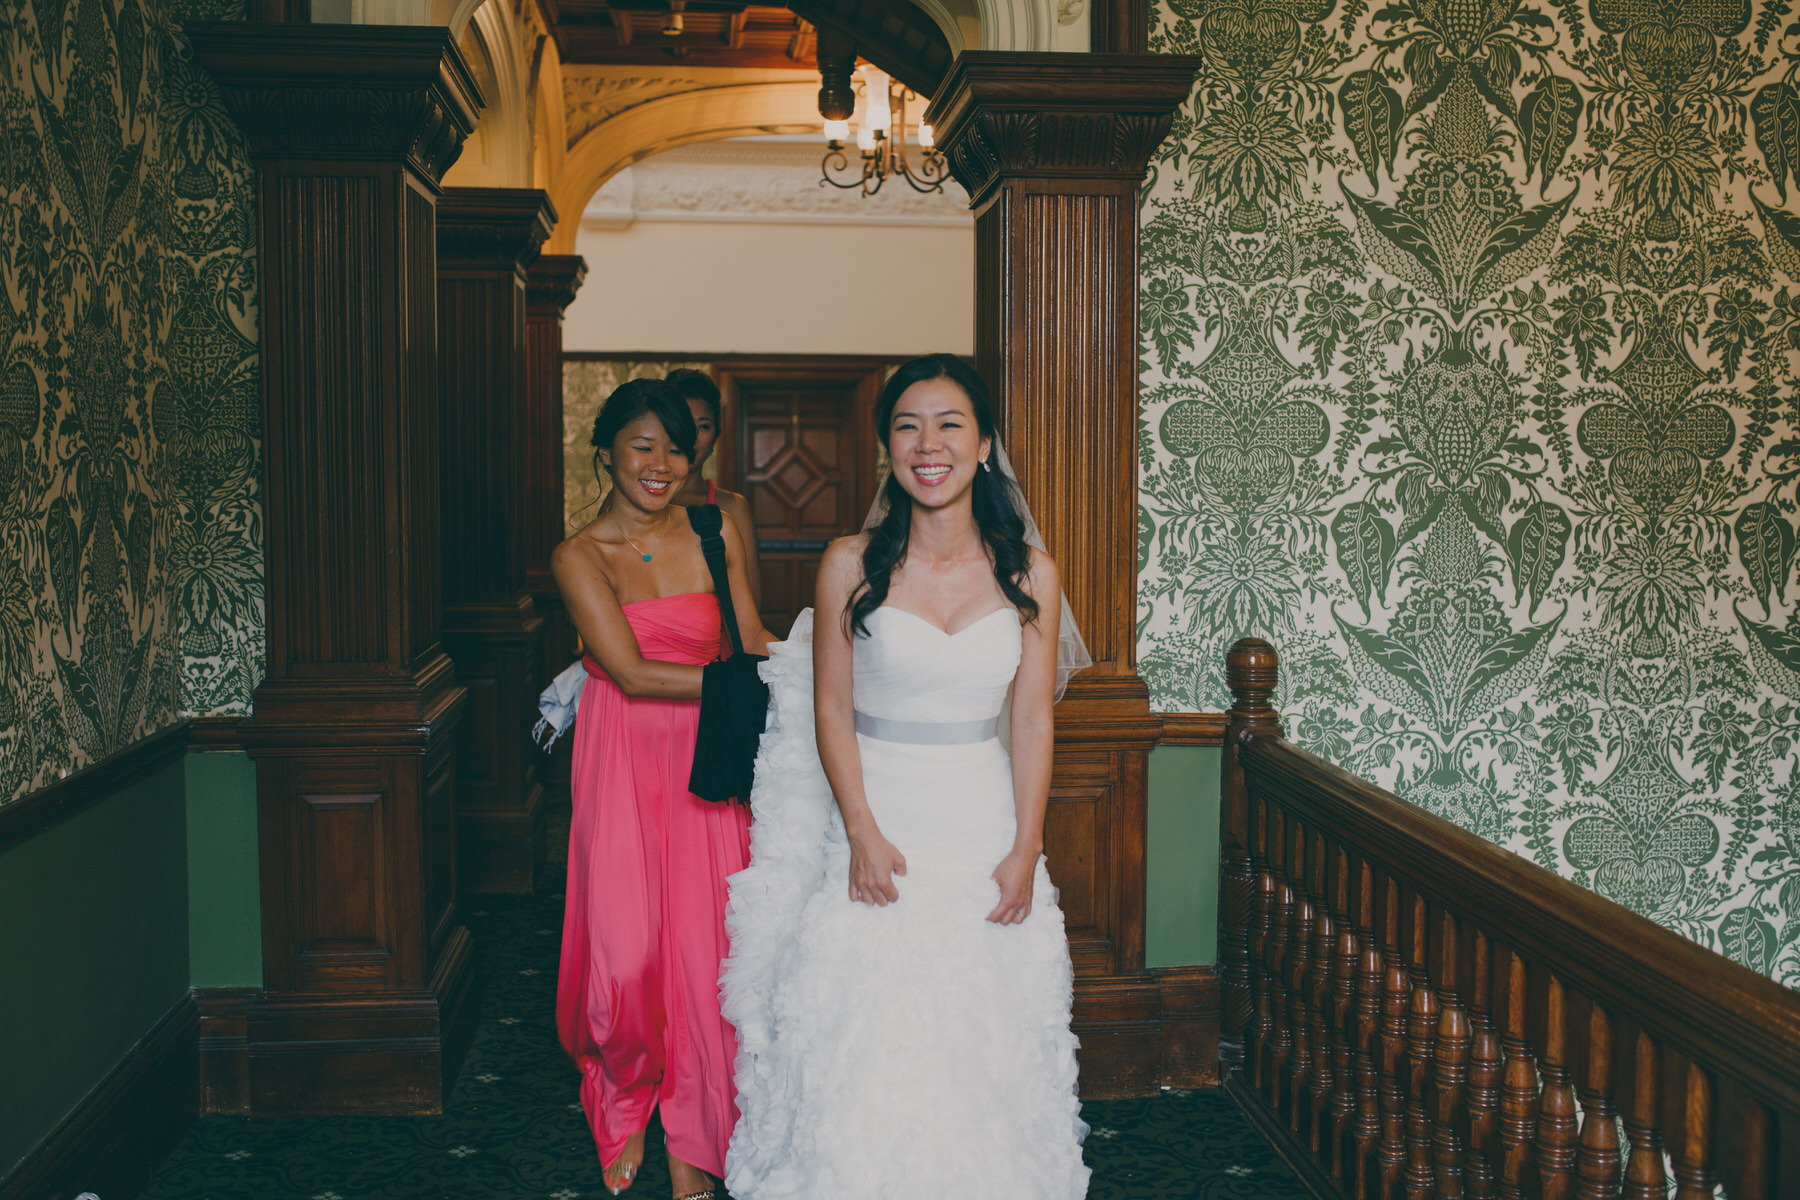 123 bride bridesmaids head to ceremony room.jpg